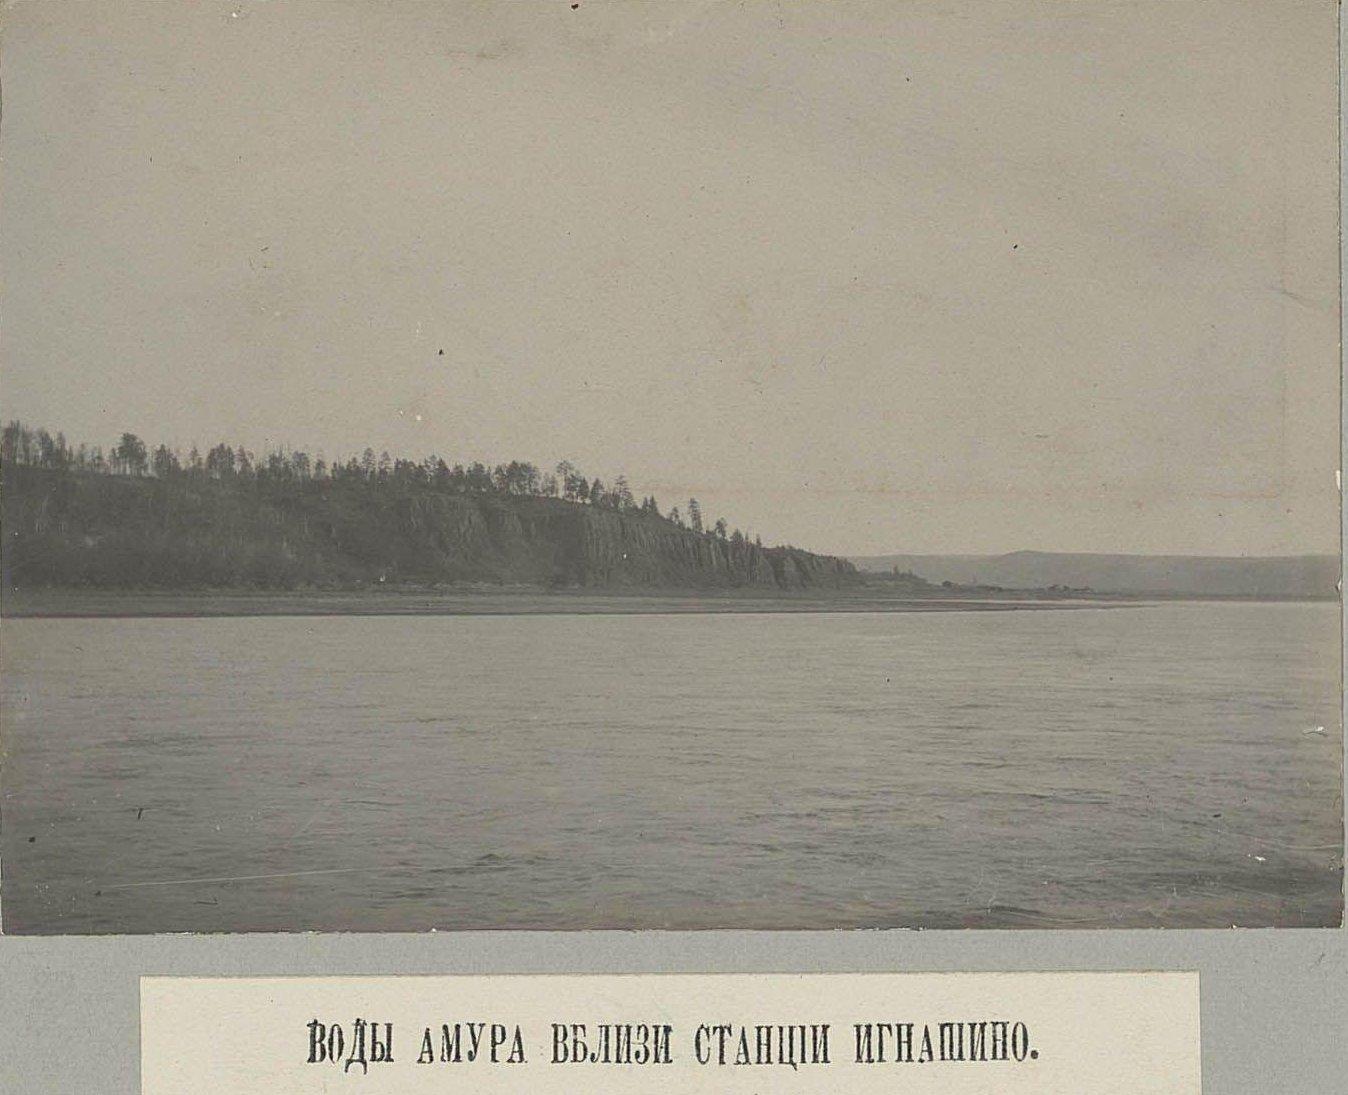 Воды Амура вблизи станции Игнашино3